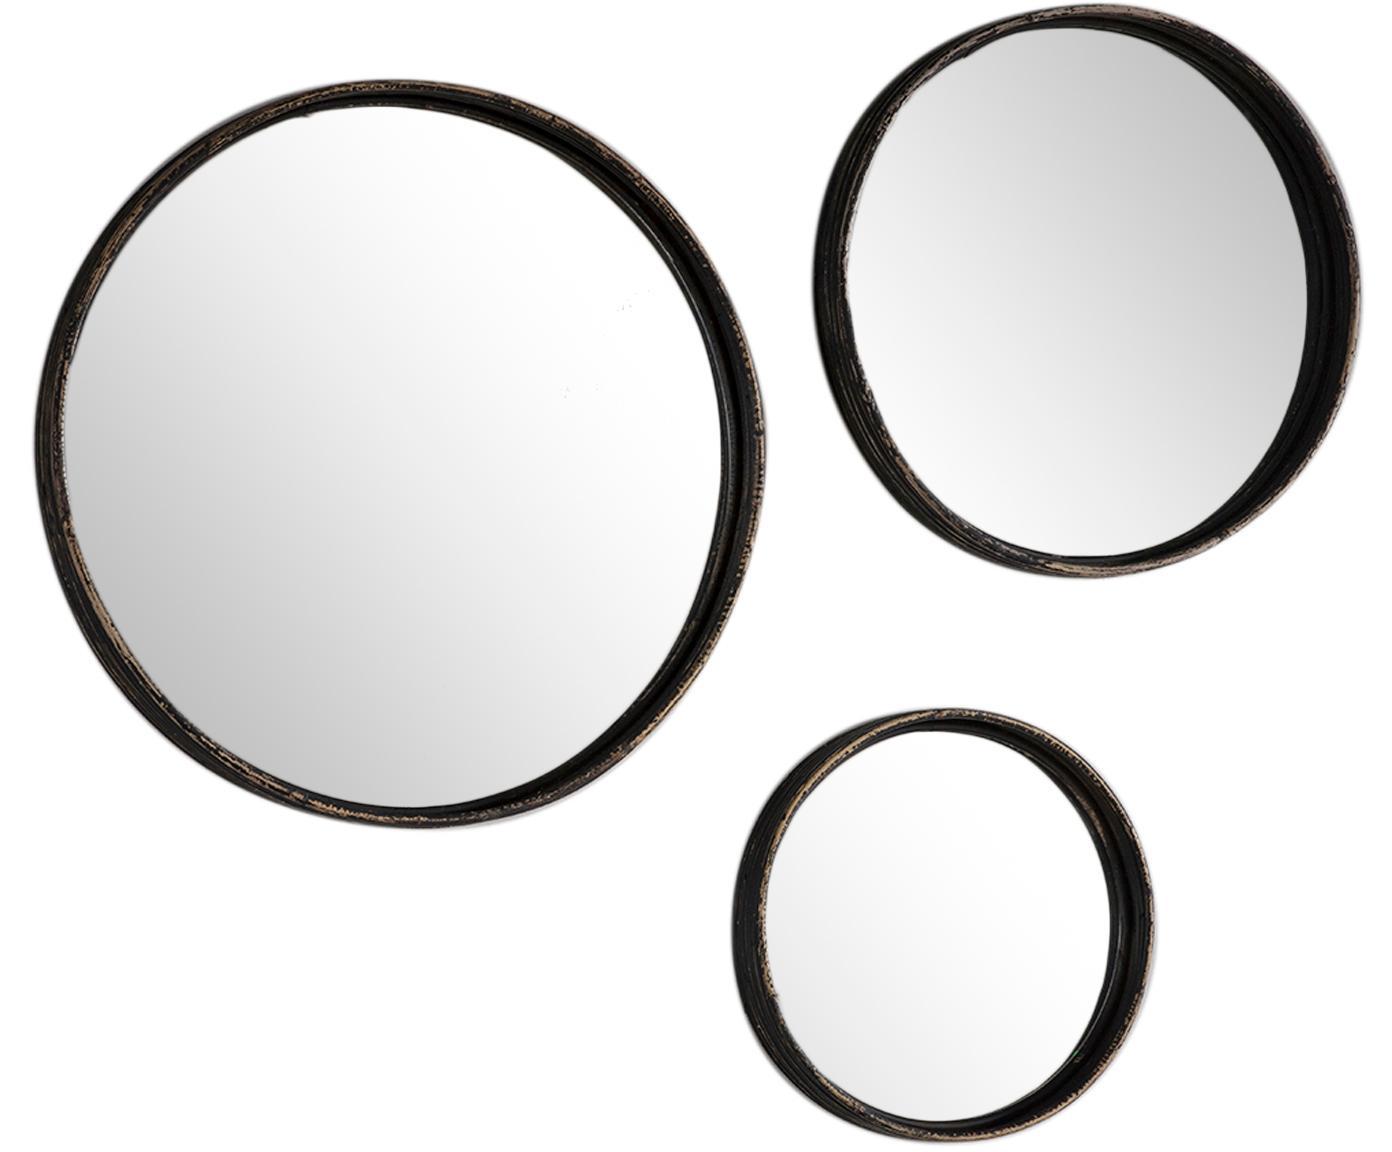 Set de espejos de pared redondos Ricos, 3pzas., Espejo: cristal, Marrón oscuro, negro, Tamaños diferentes